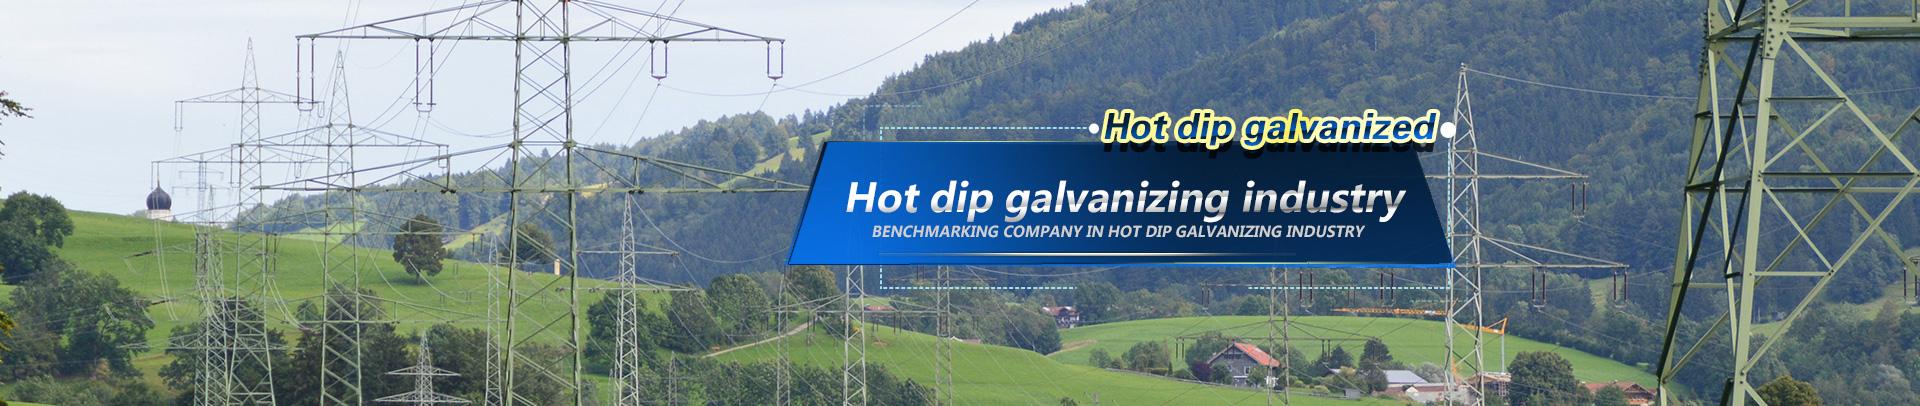 Hot galvanizing